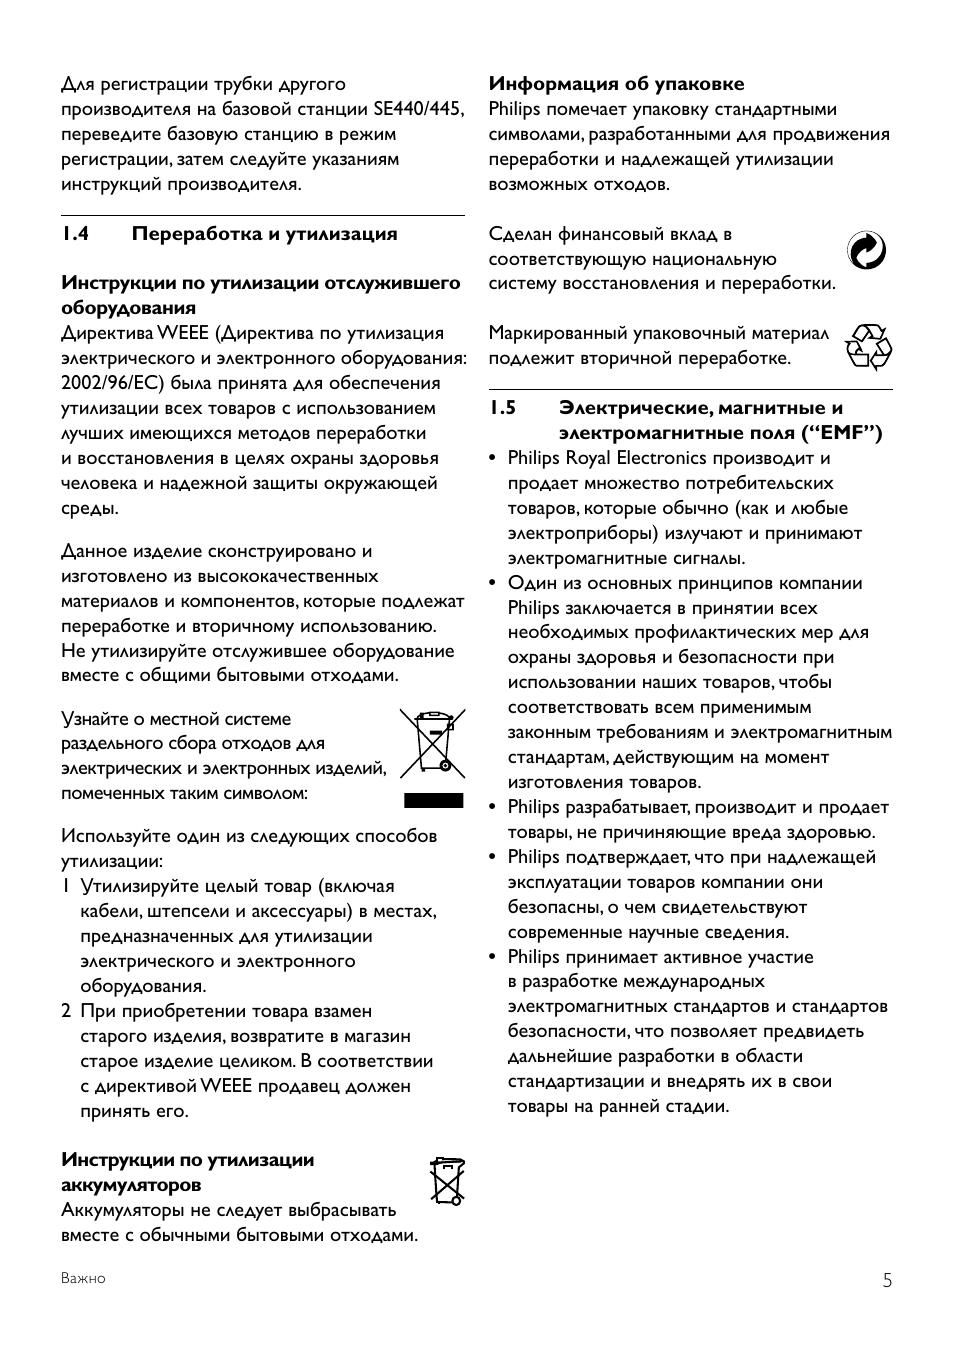 Инструкции по эксплуатации Philips